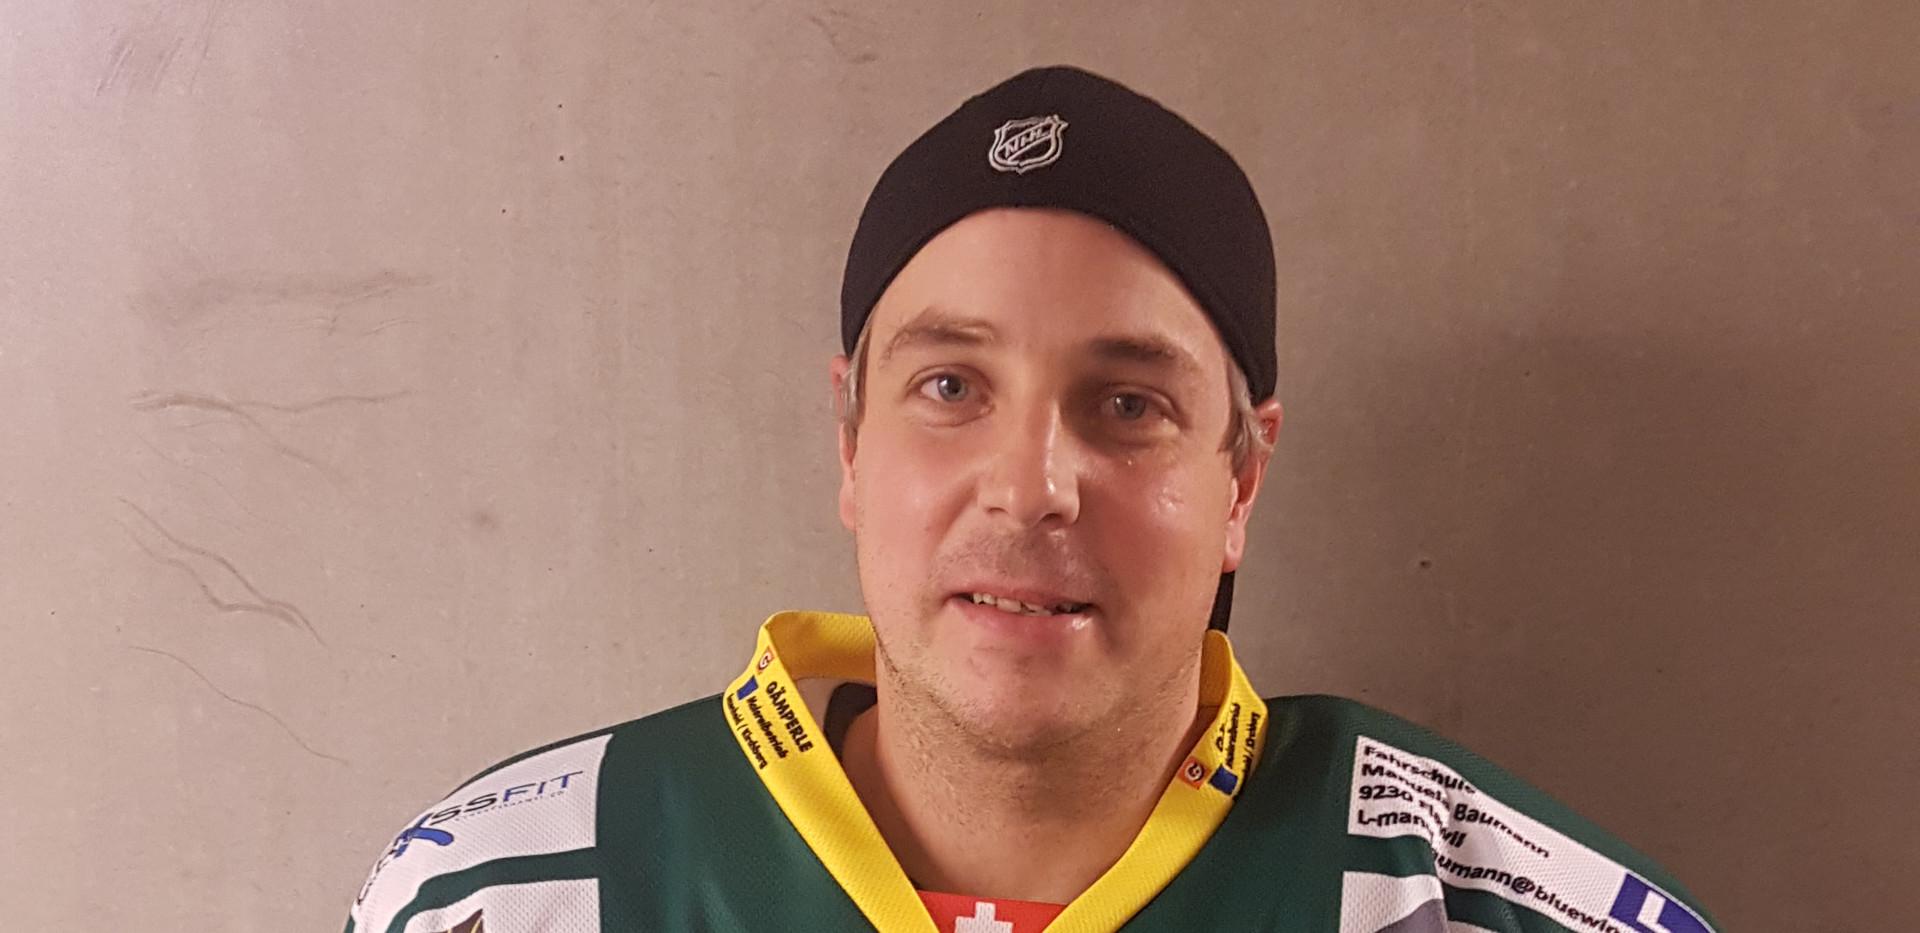 Patrick Böhi #98